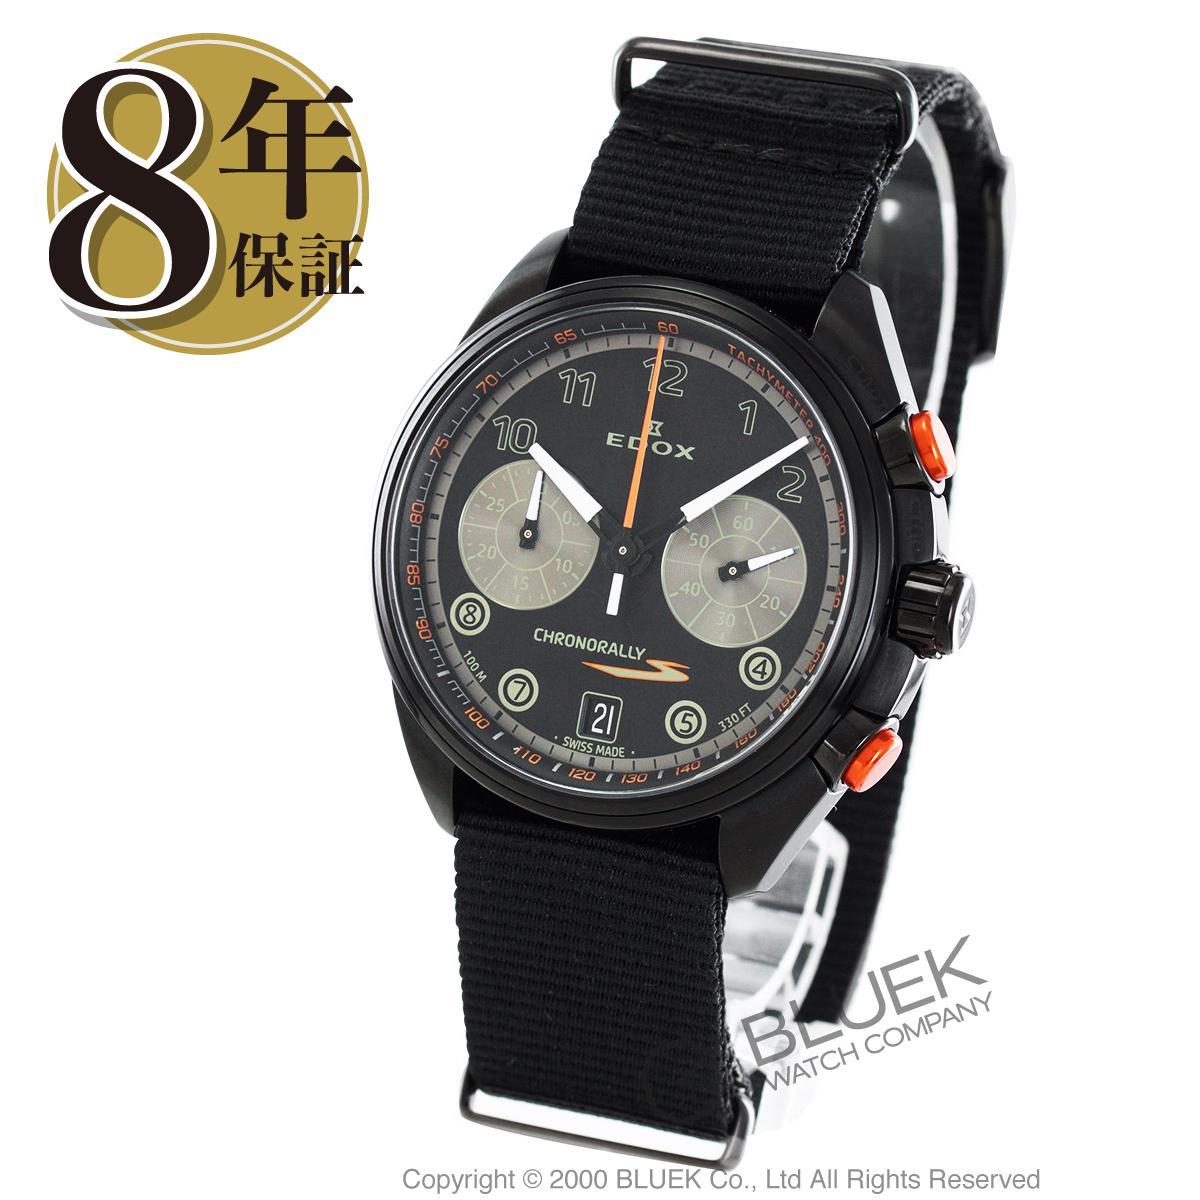 【最大3万円割引クーポン 11/01~】エドックス クロノラリー S クロノグラフ 腕時計 メンズ EDOX 09503-37N-NONAN-NNO_8